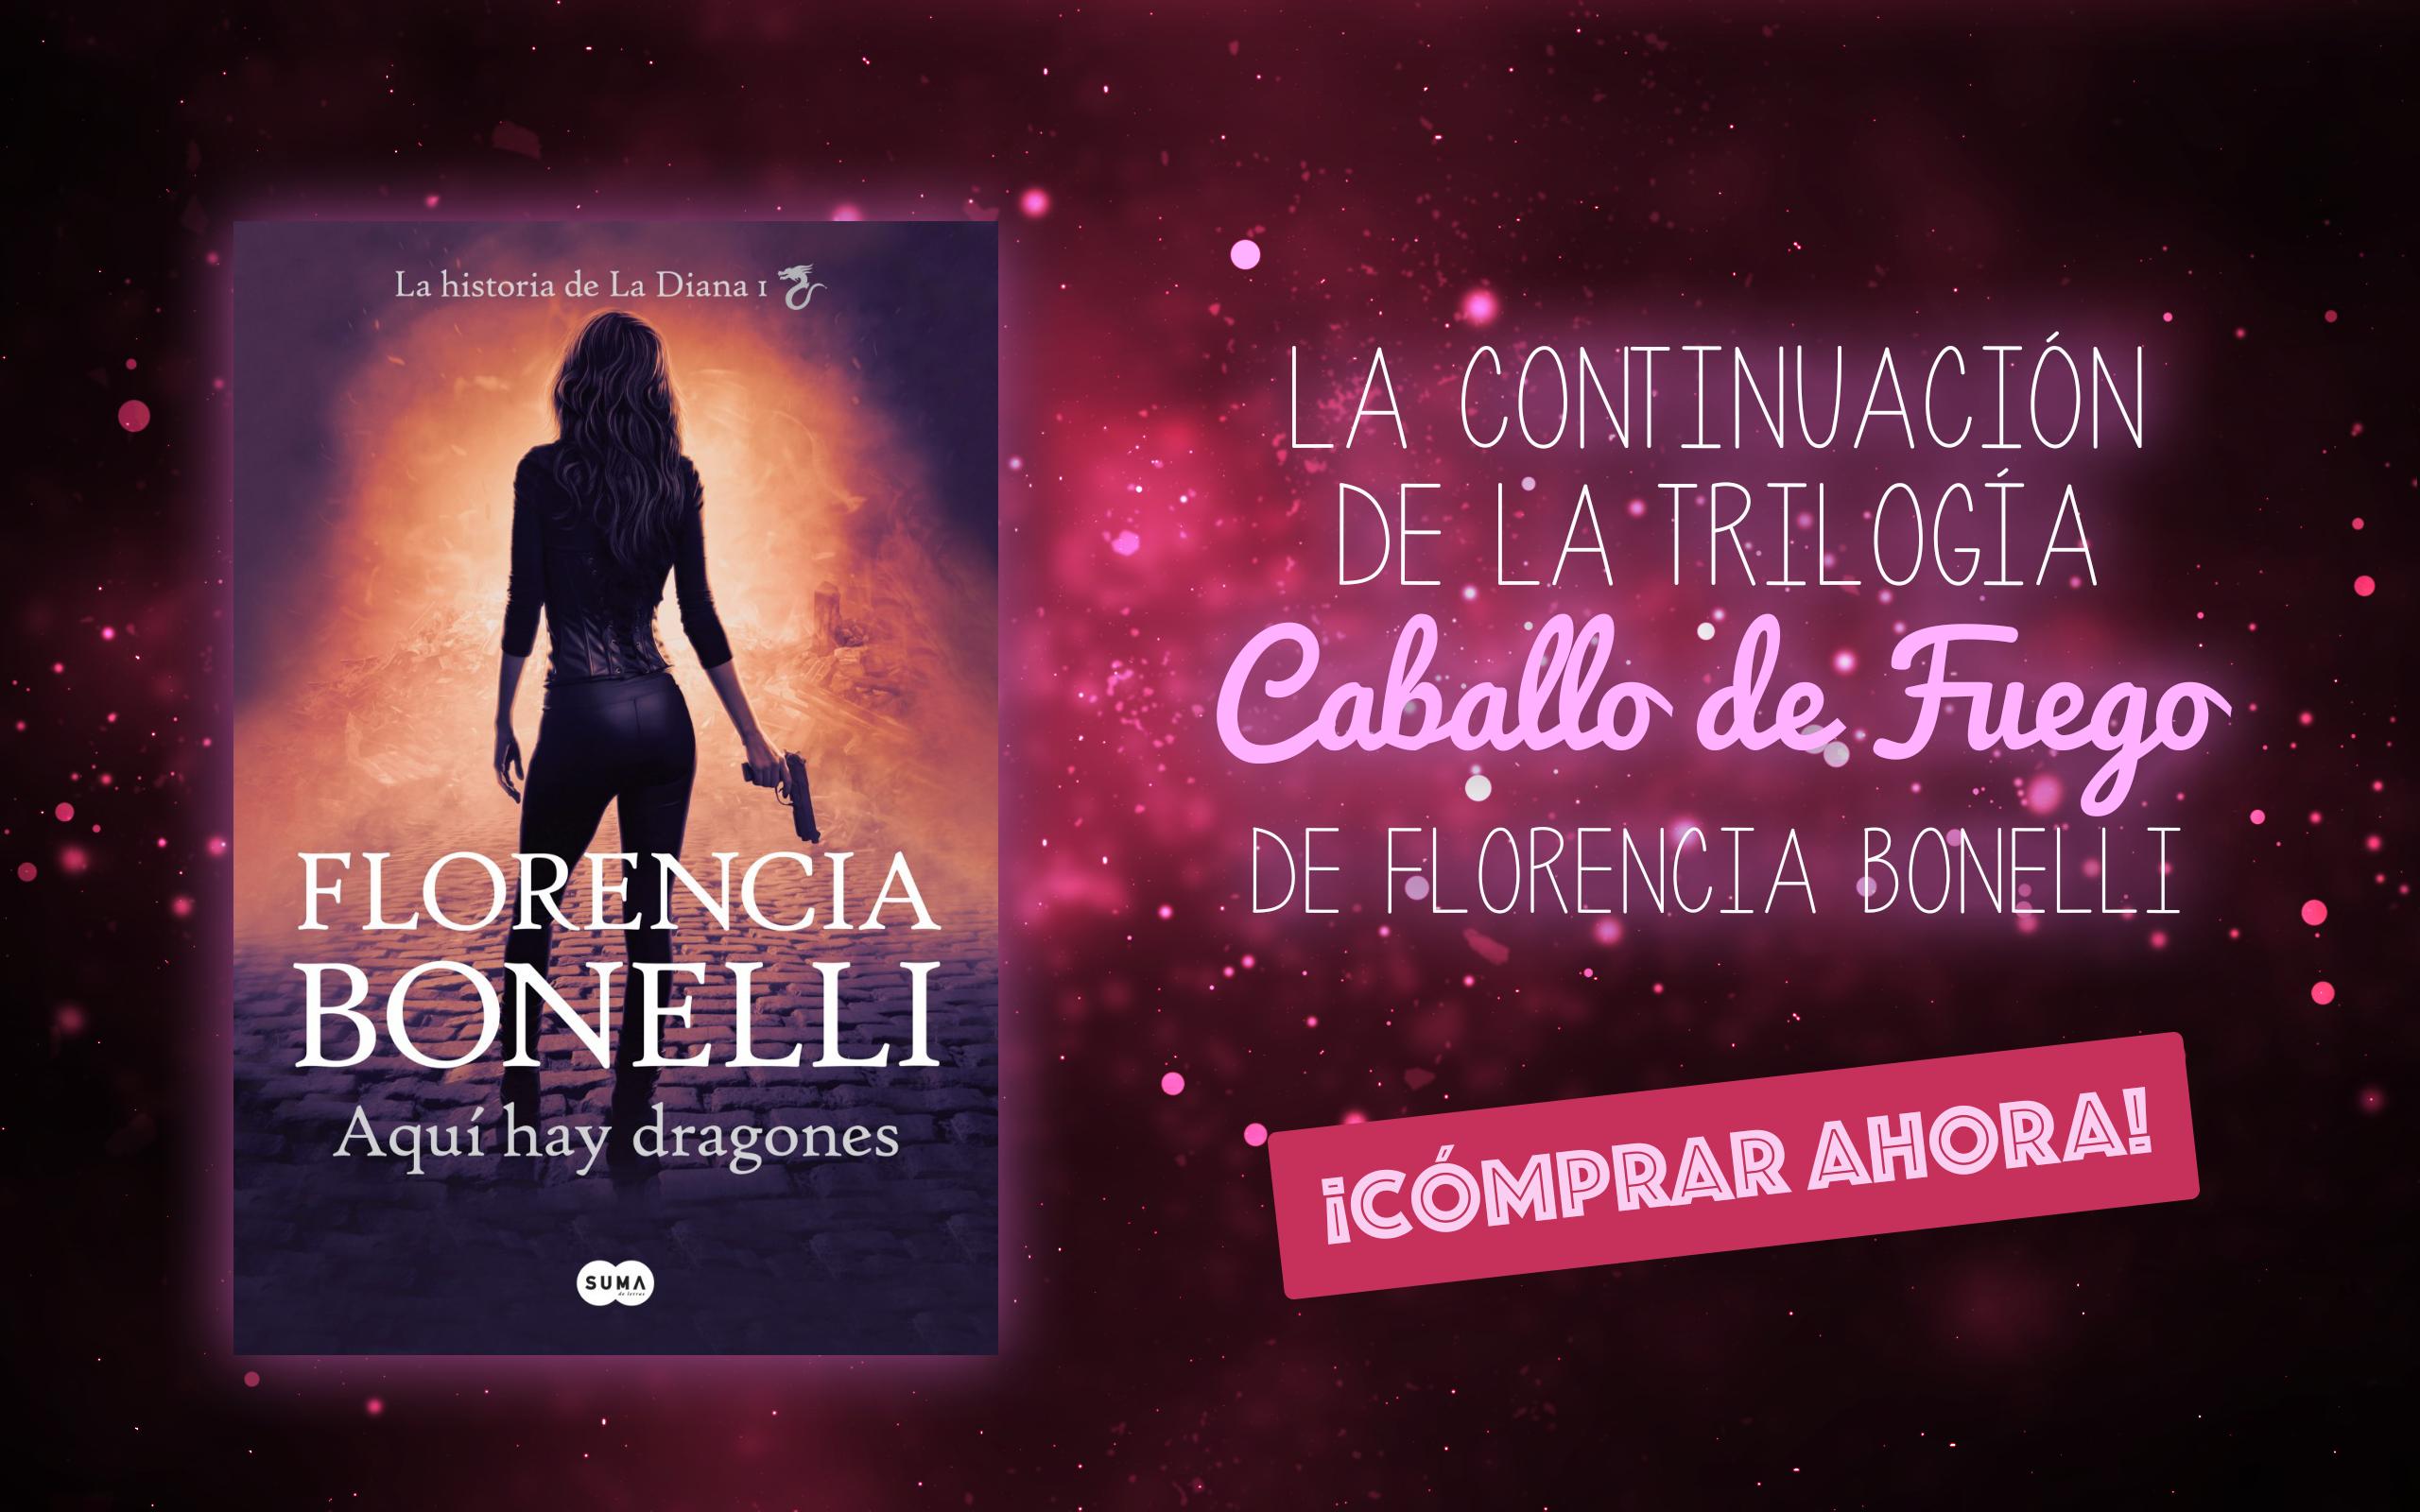 Aquí Hay Dragones De Florencia Bonelli La Continuación De Caballo De Fuego